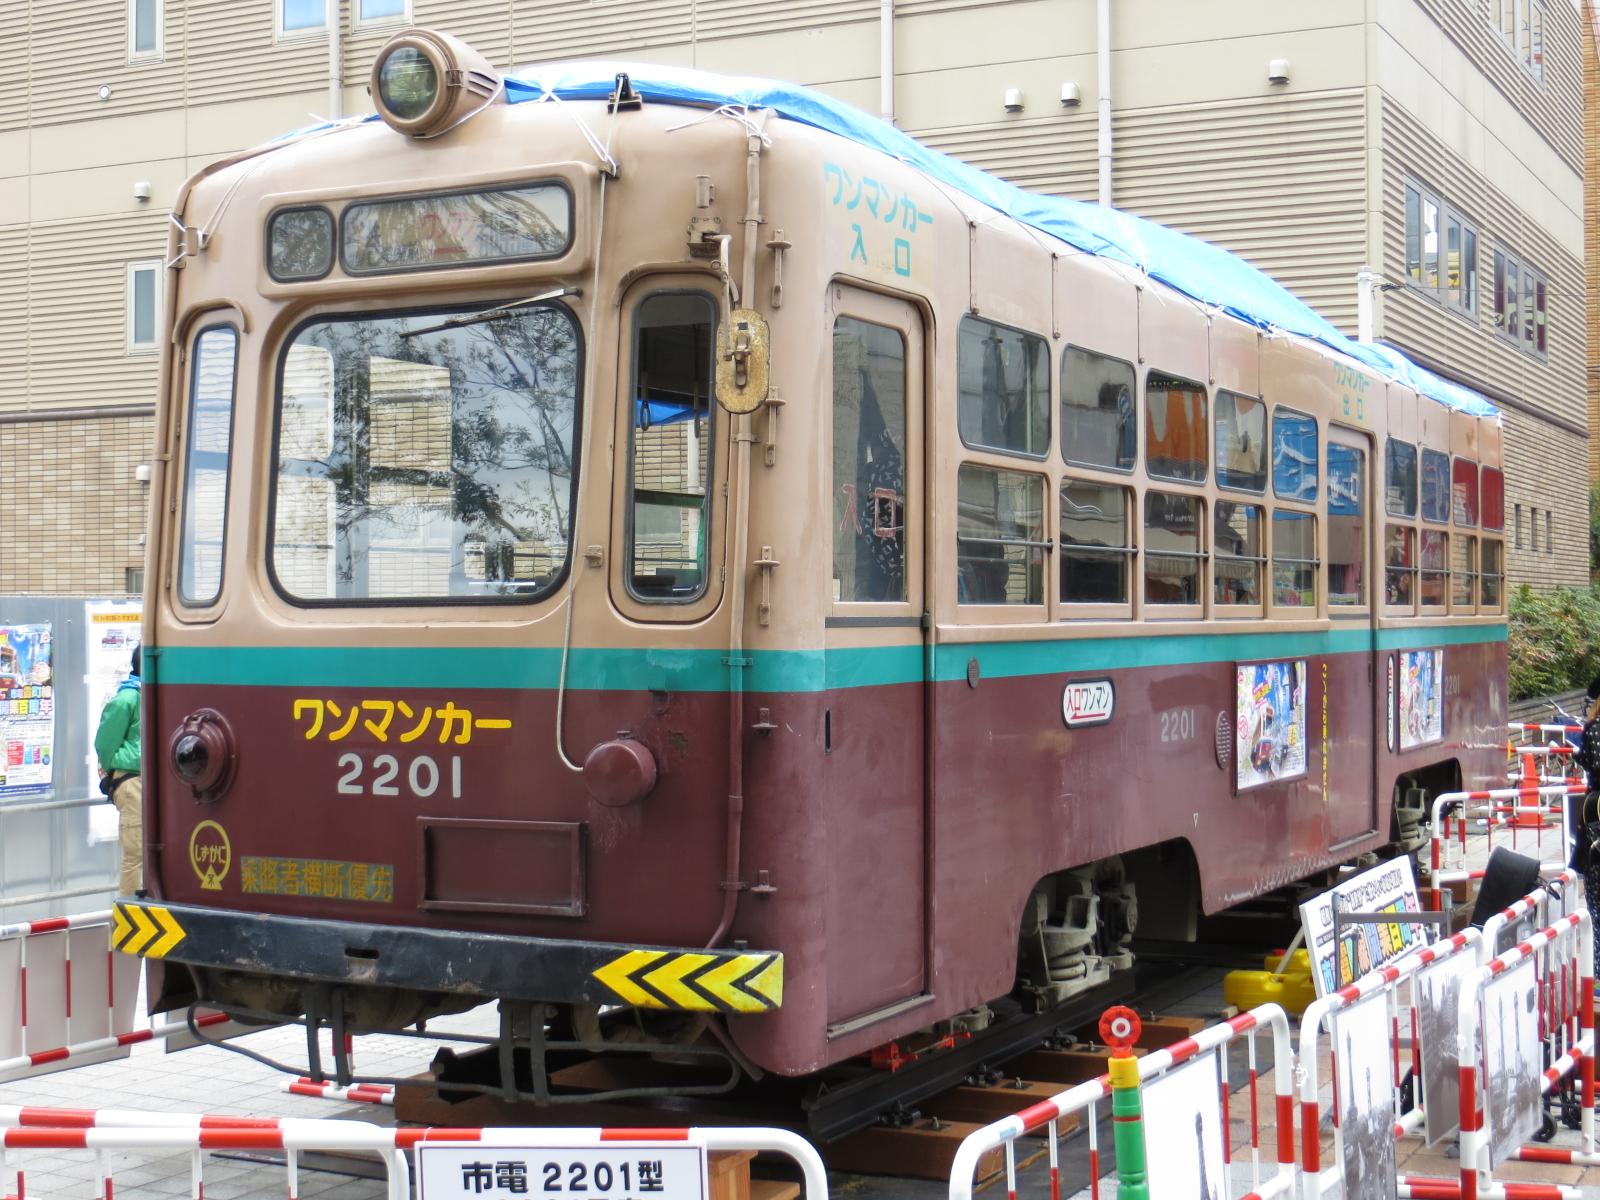 ファイル osaka city trum 2201 in shinsekai 10 img 2295 20130421